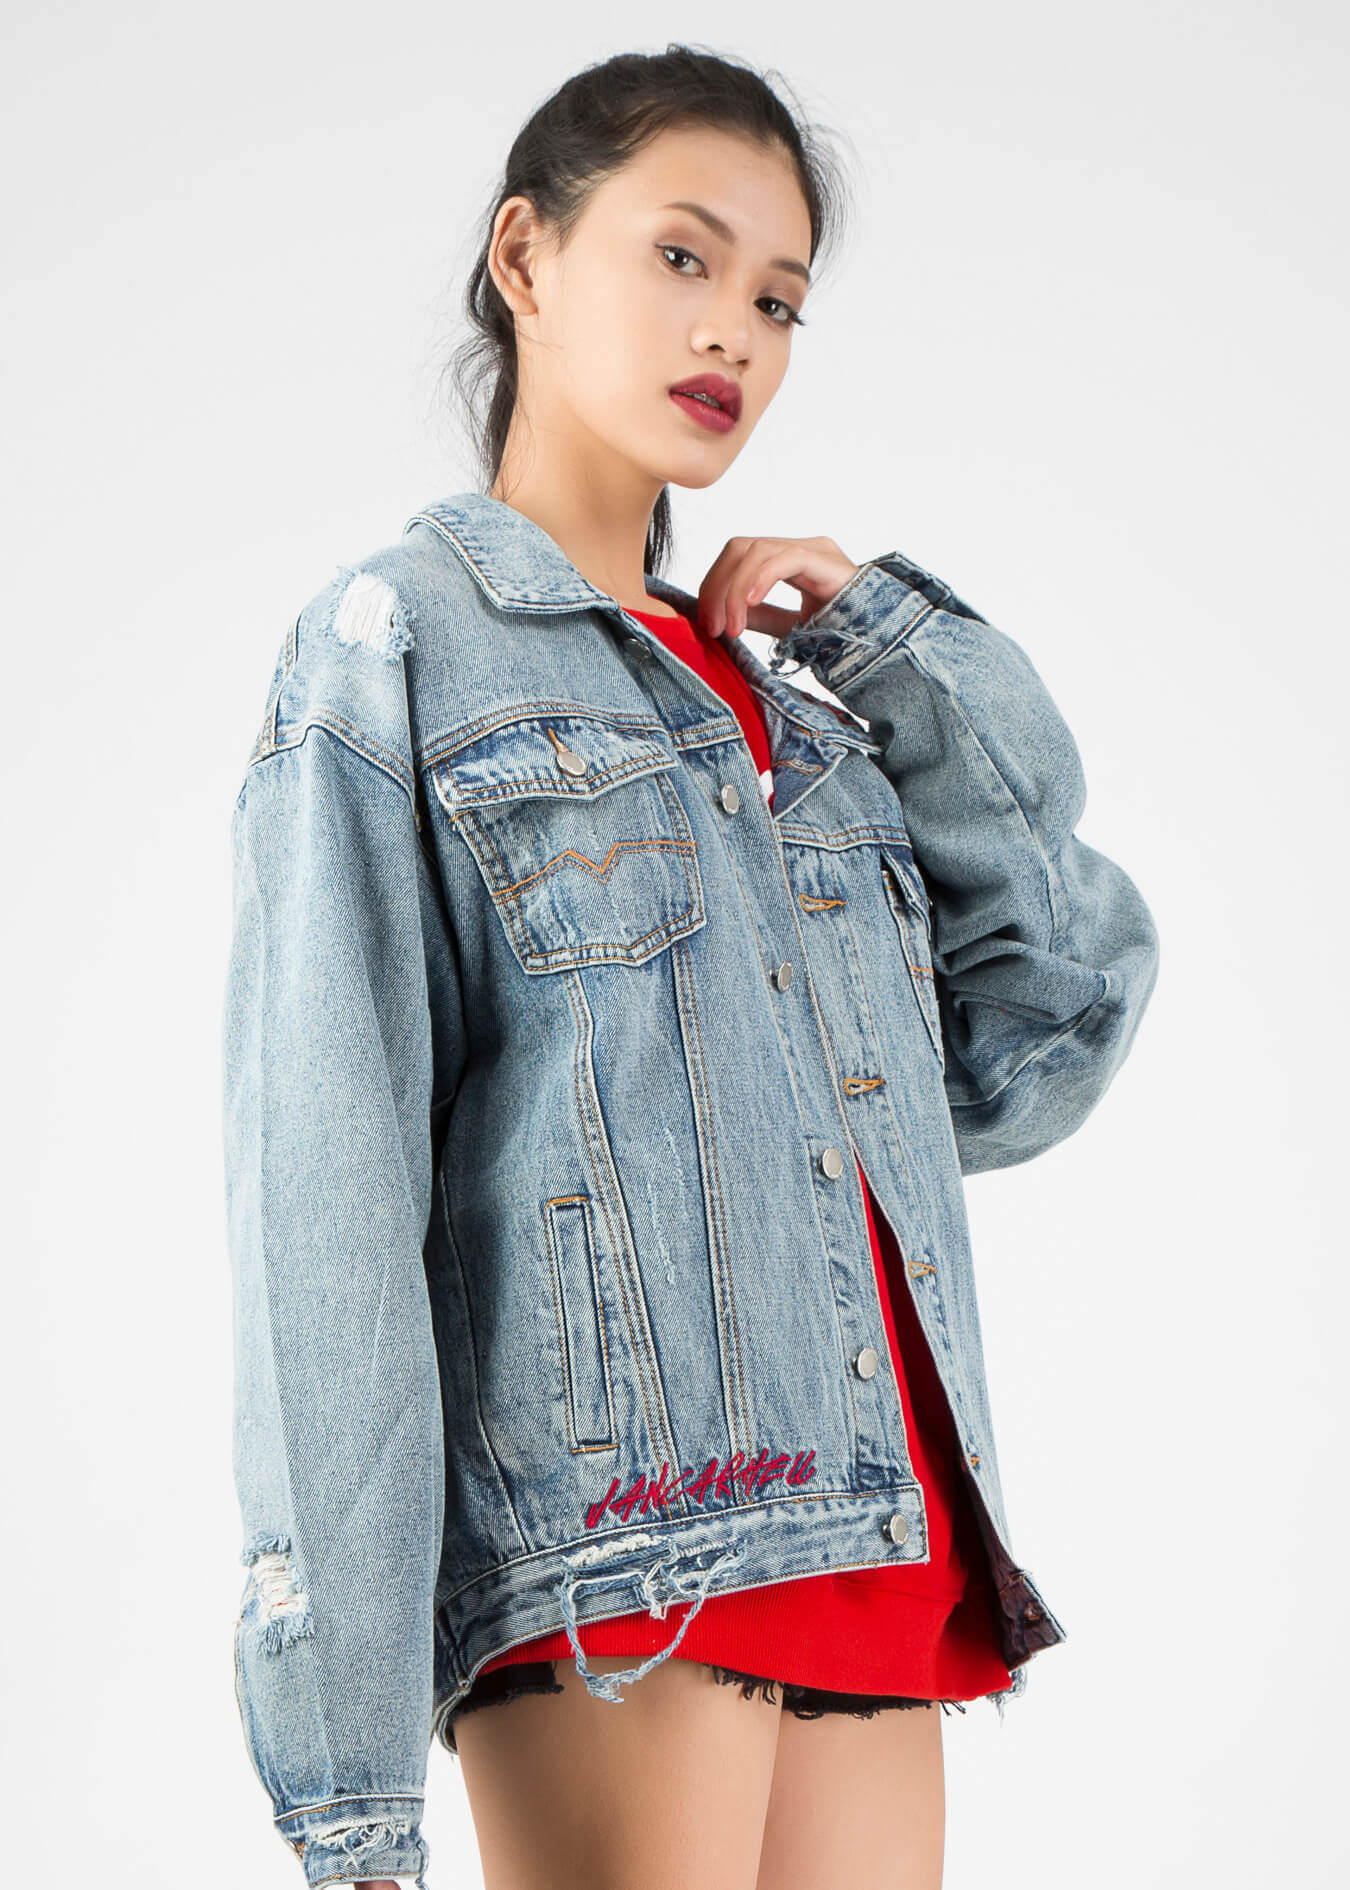 Áo khoác jeans rách - mẫu áo khoác chất bạn nên sở hữu